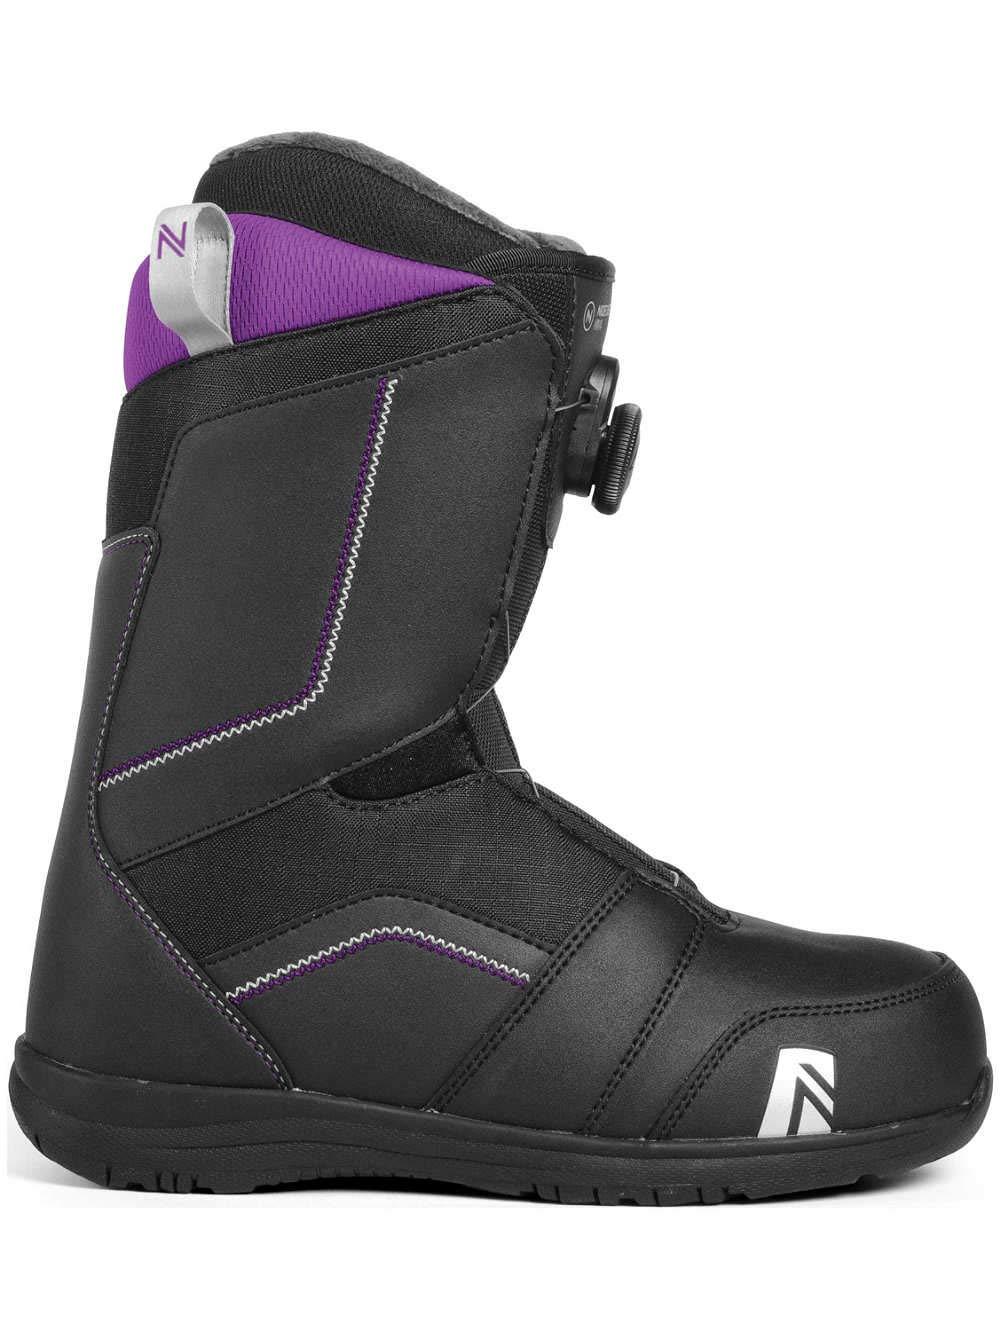 18-19 2019 ナイデッカー マヤボア スノーボード ブーツ NIDECKER MAYA BOA 黒 レディース 女性用 スノボ 靴_24.0cm/7